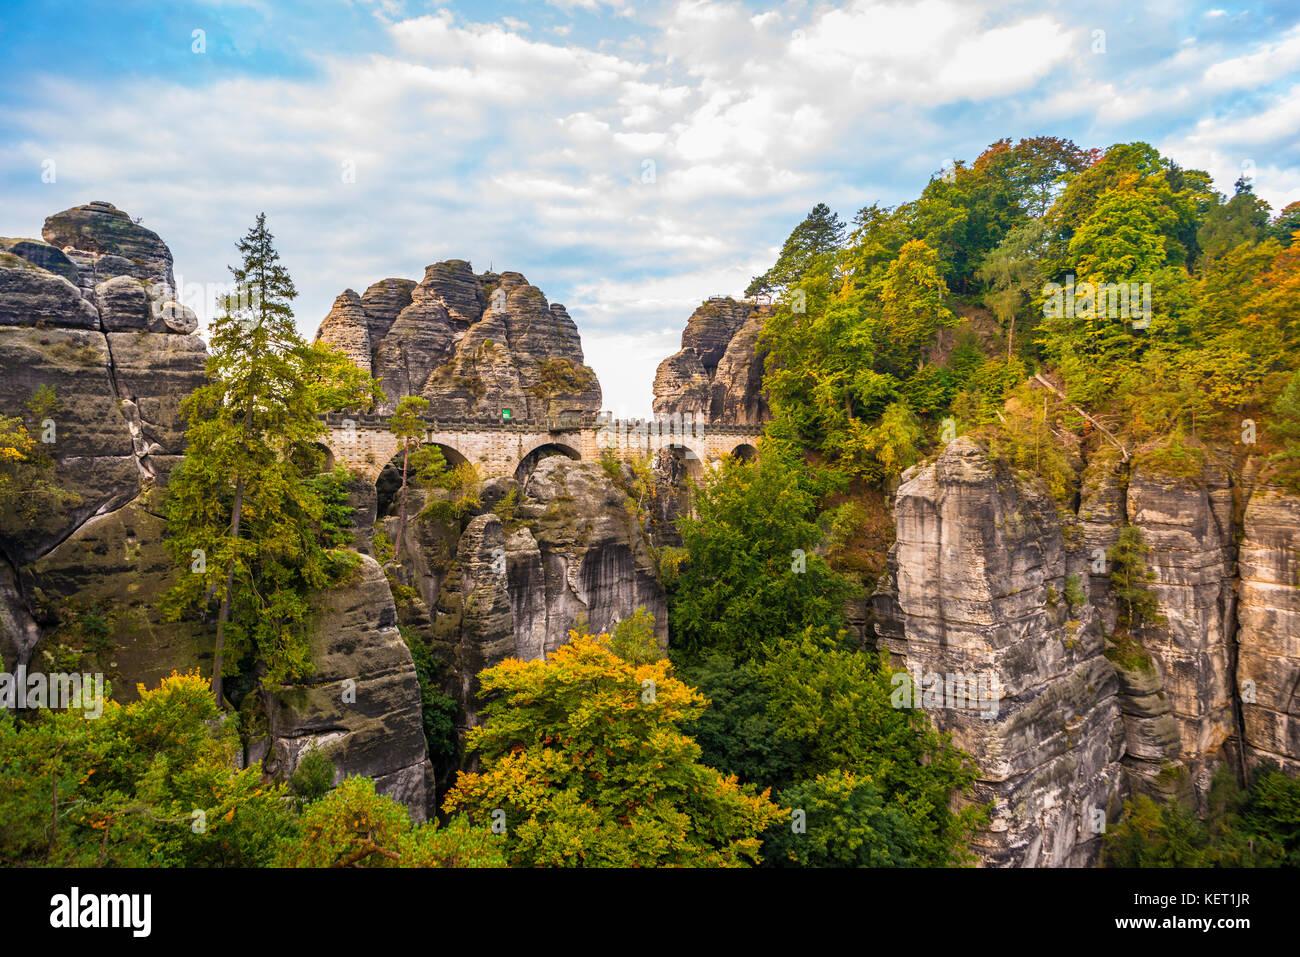 View of Bastei bridge, Bastei, Elbe Sandstone Mountains, Rathen, National Park Saxon Switzerland, Saxony, Germany Stock Photo